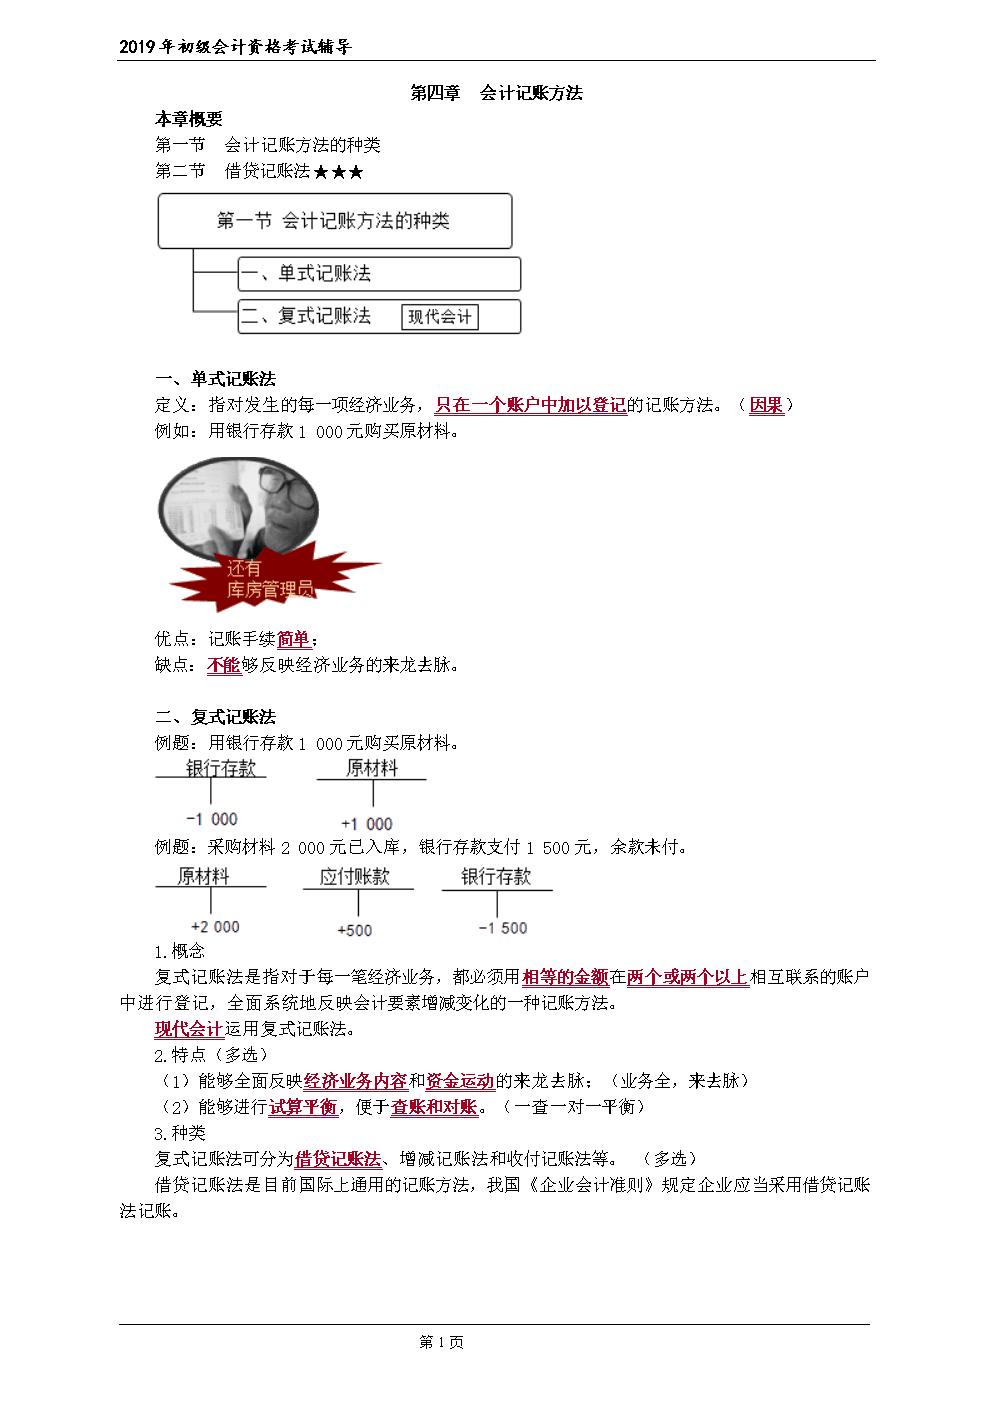 初级会计资格考试辅导讲义(第四章 会计记账方法).doc